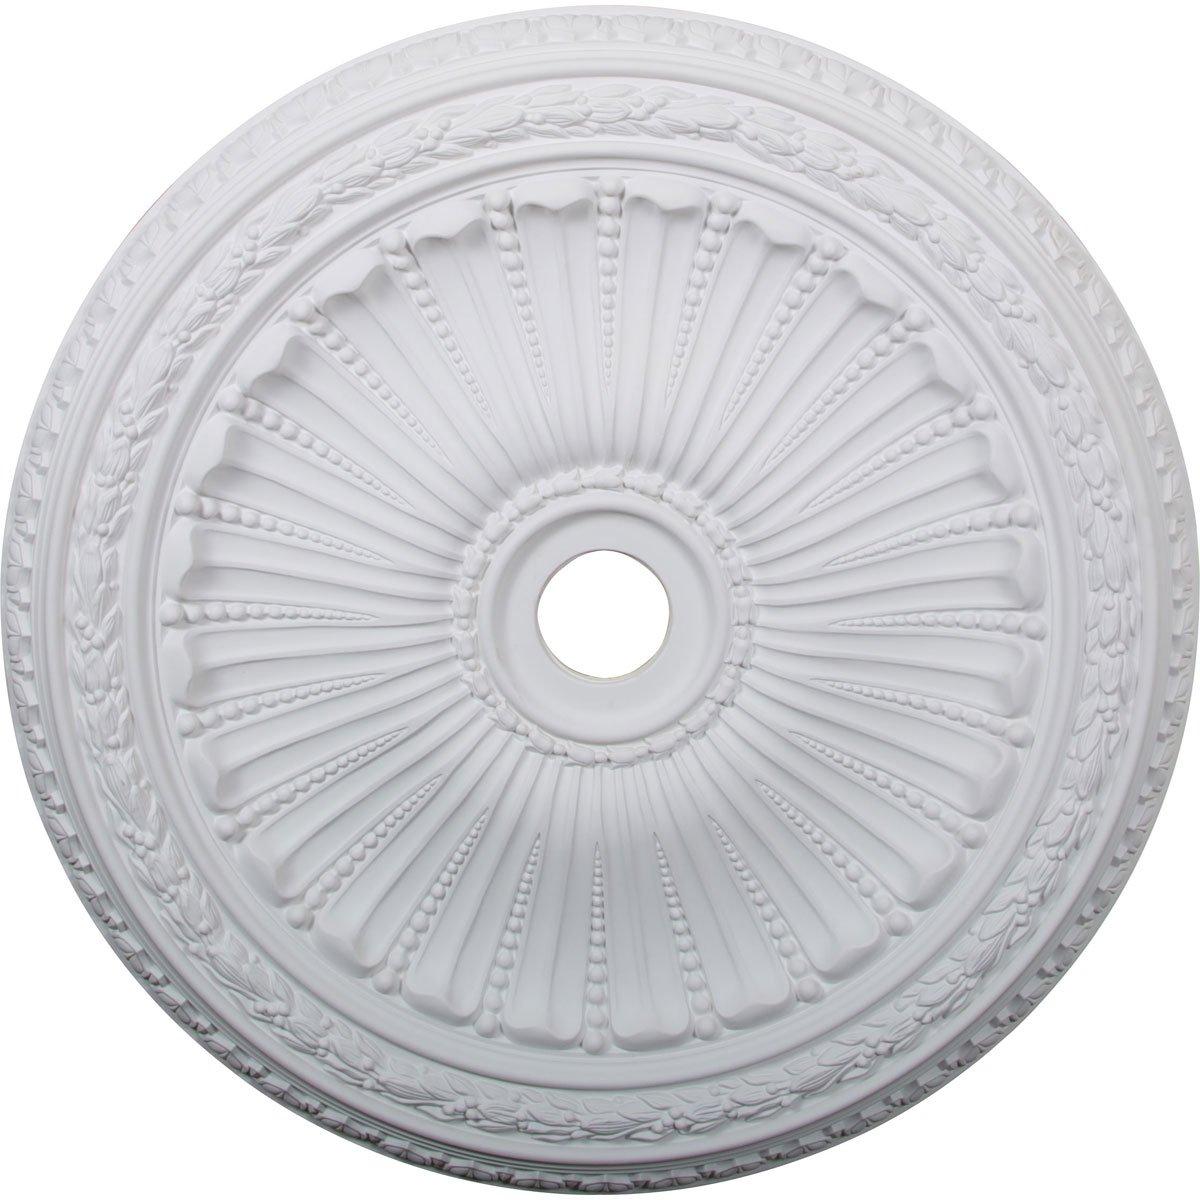 Ekena Millwork CM35VI 35 1/8-Inch OD x 3 7/8-Inch ID x 2 1/2-Inch P Viceroy Ceiling Medallion